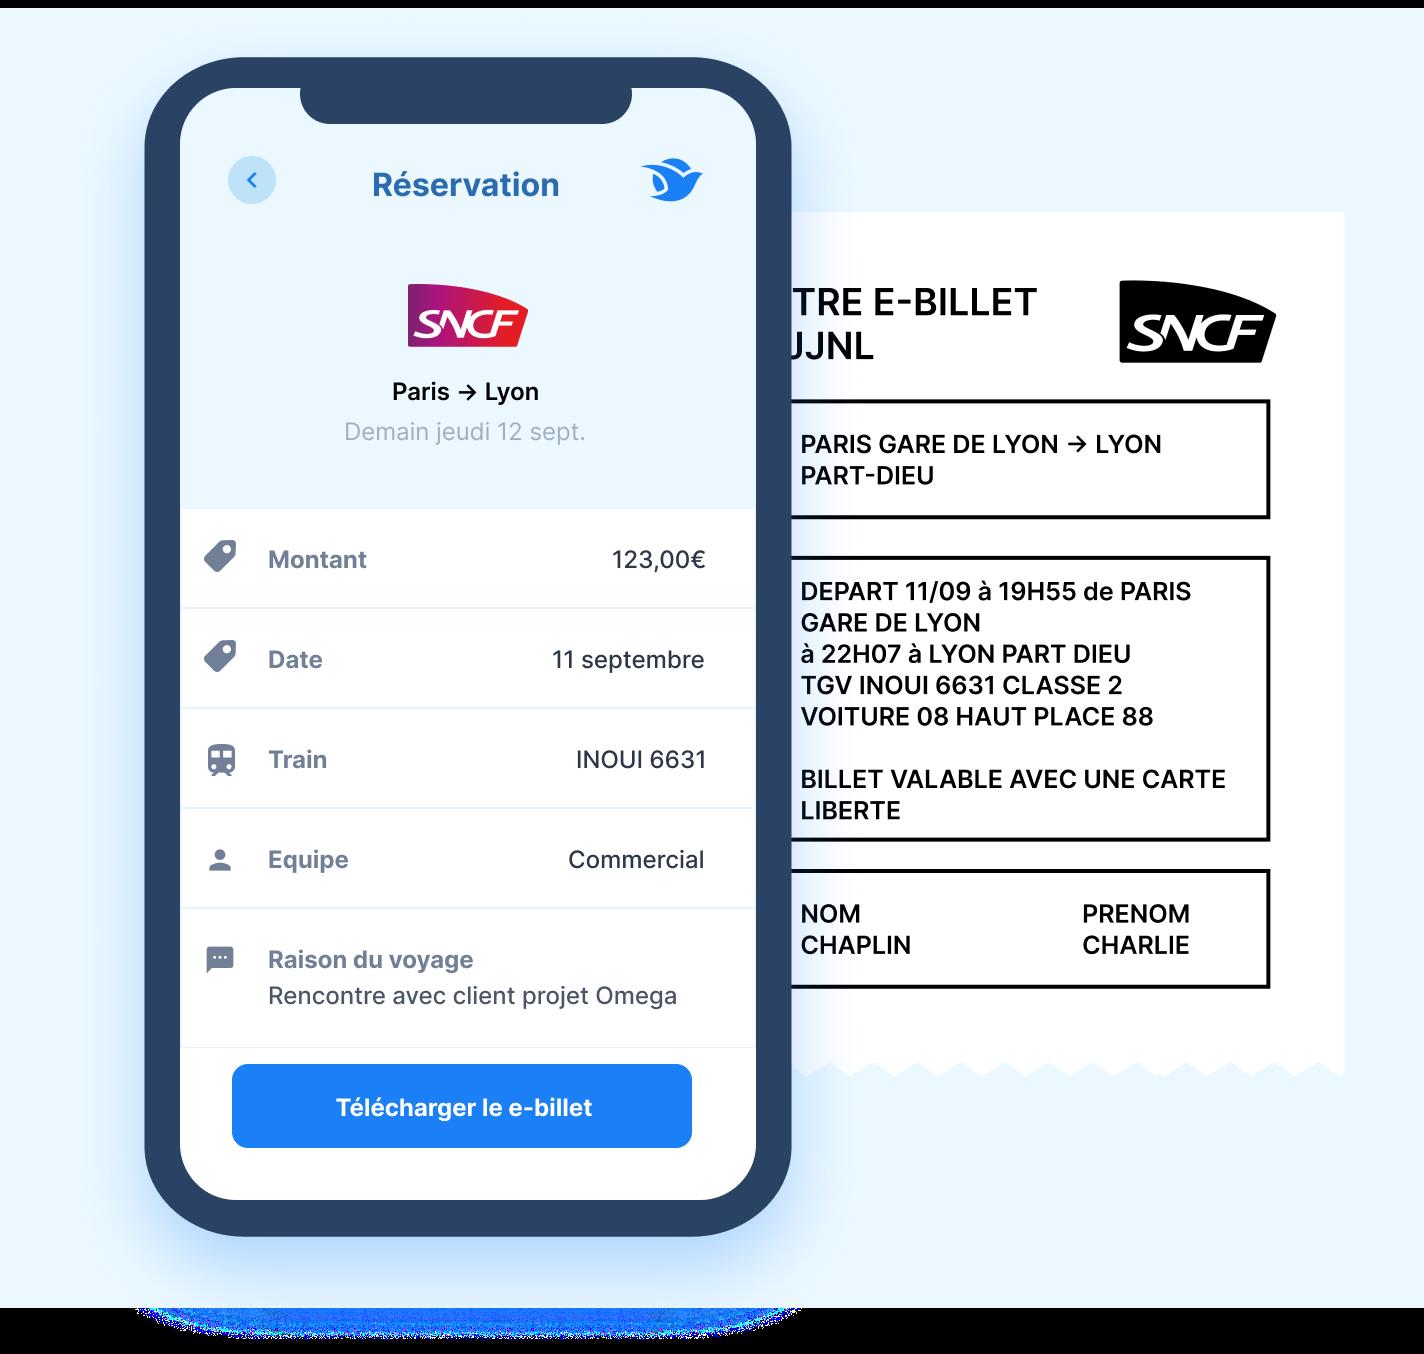 réservation train e-billet